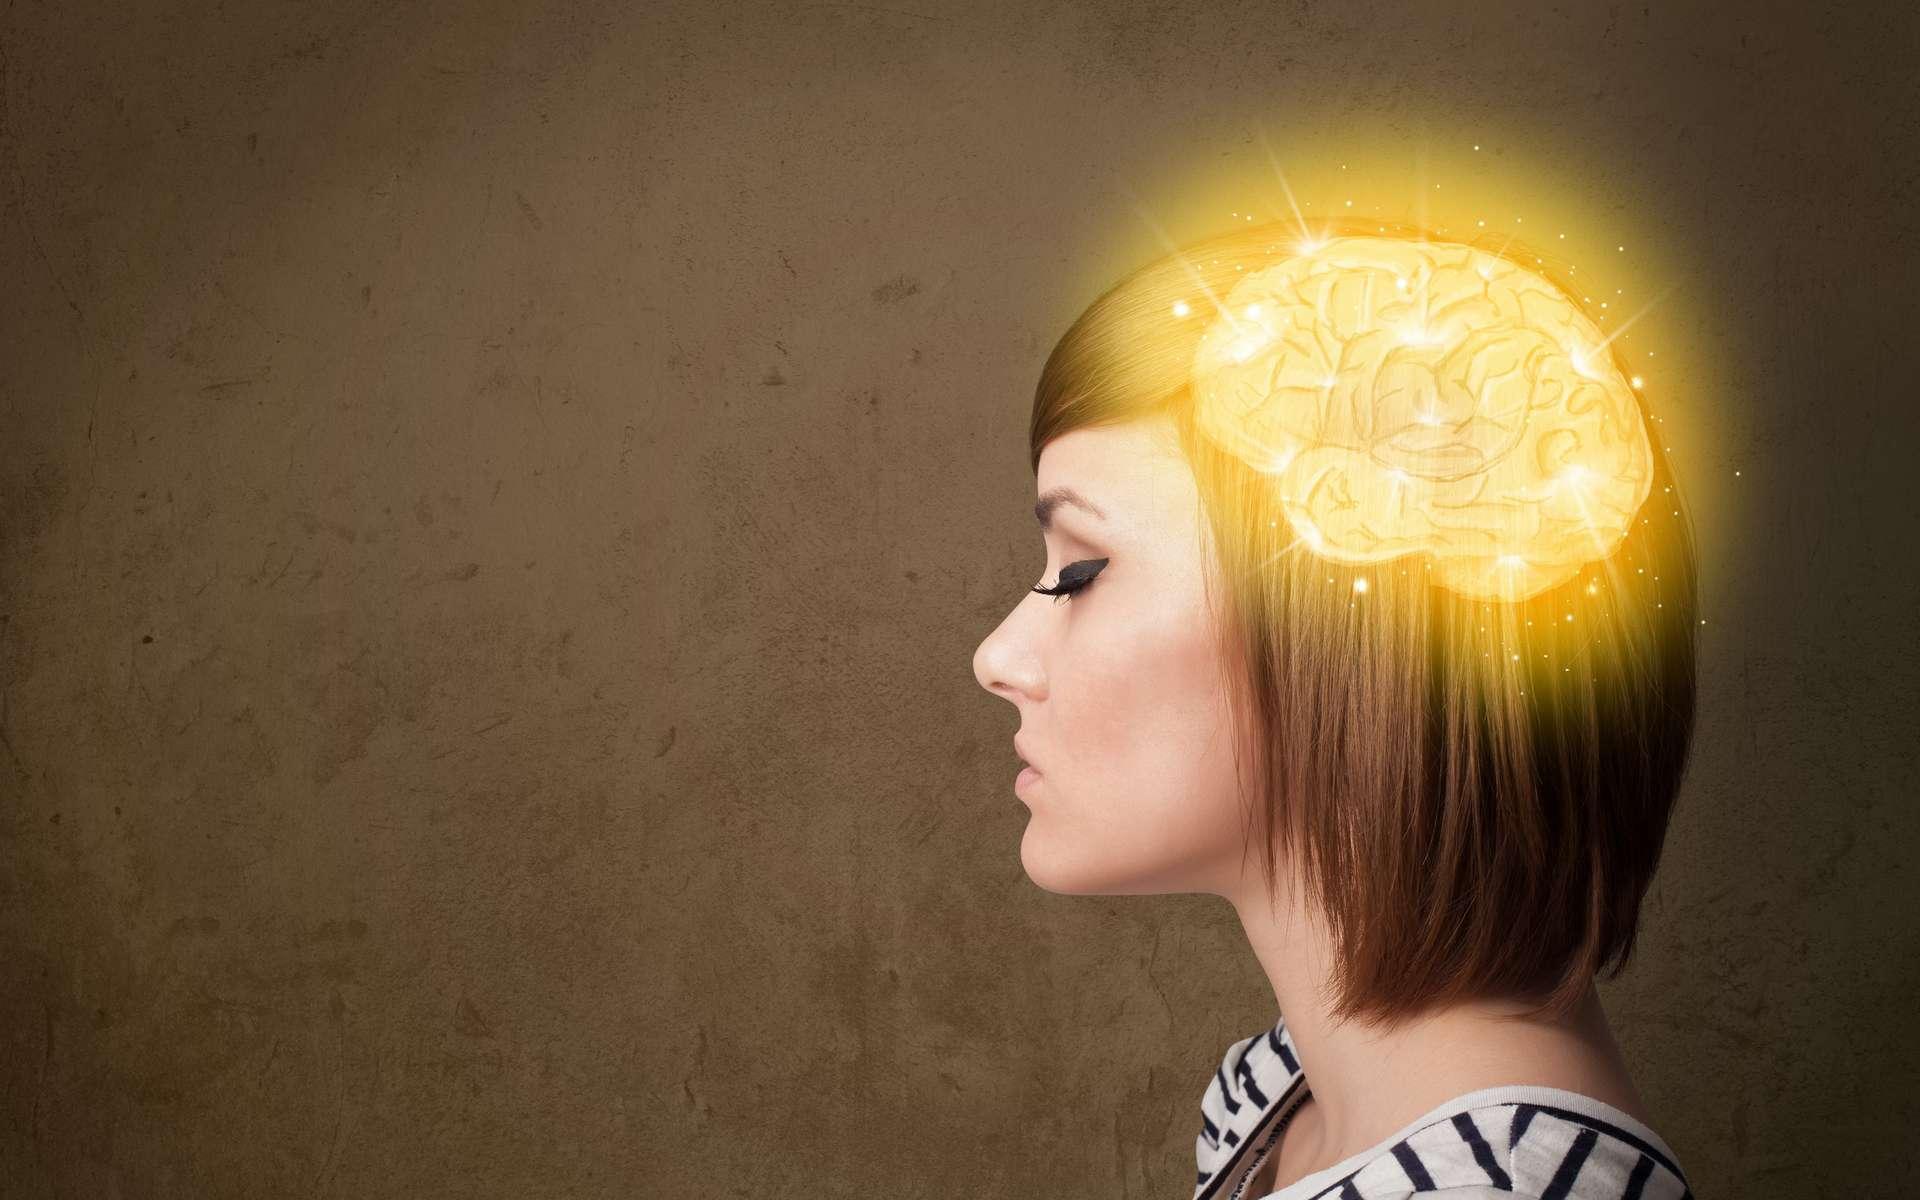 Un biomarqueur de la schizophrénie détectable dans les cheveux. © ra2 studio, Adobe Stock